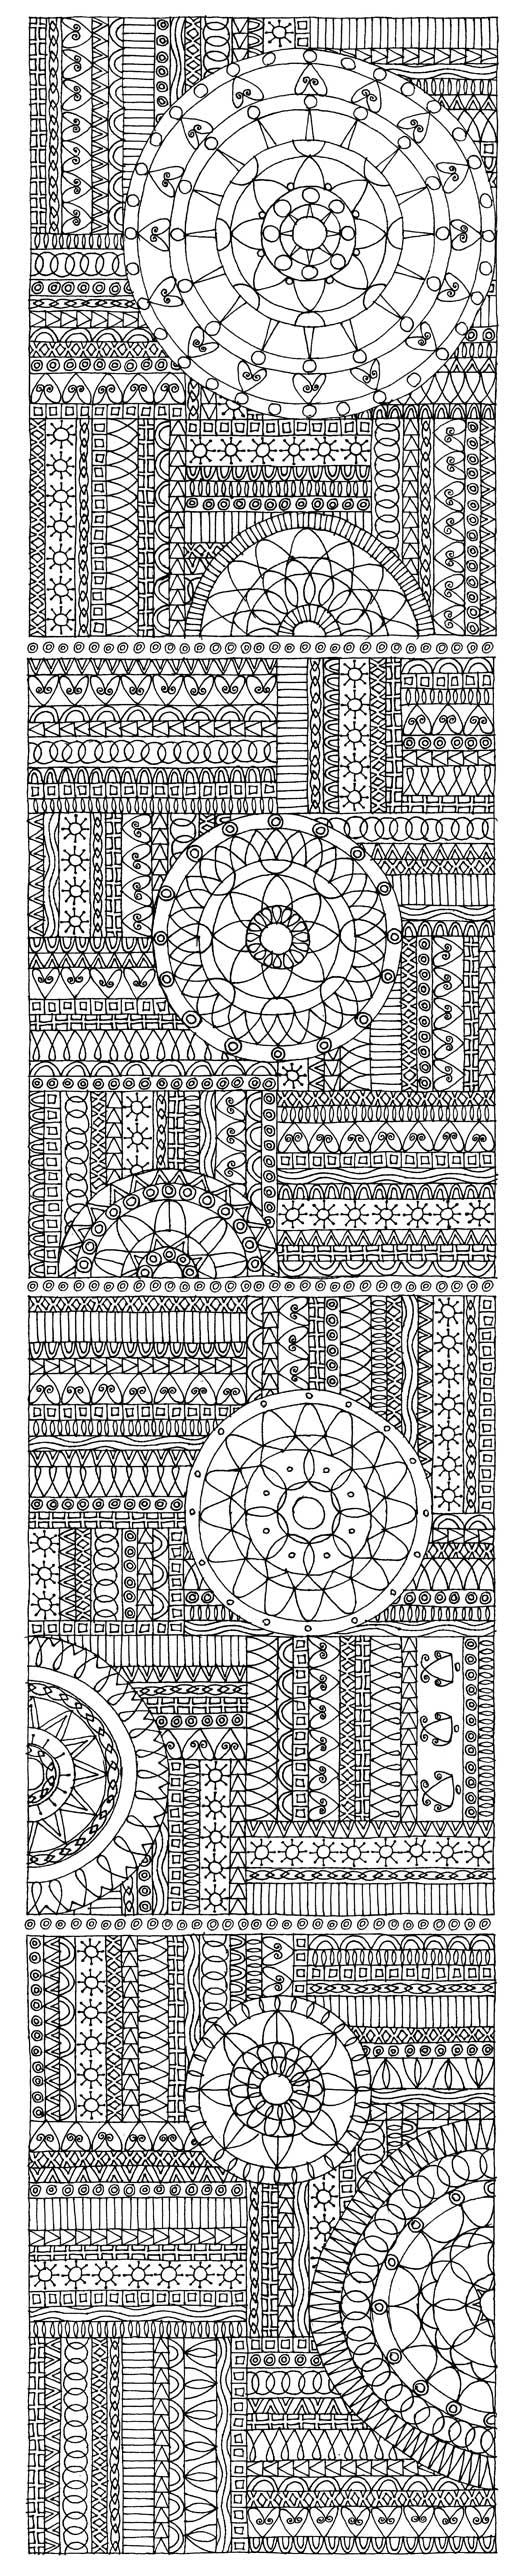 Doodle268